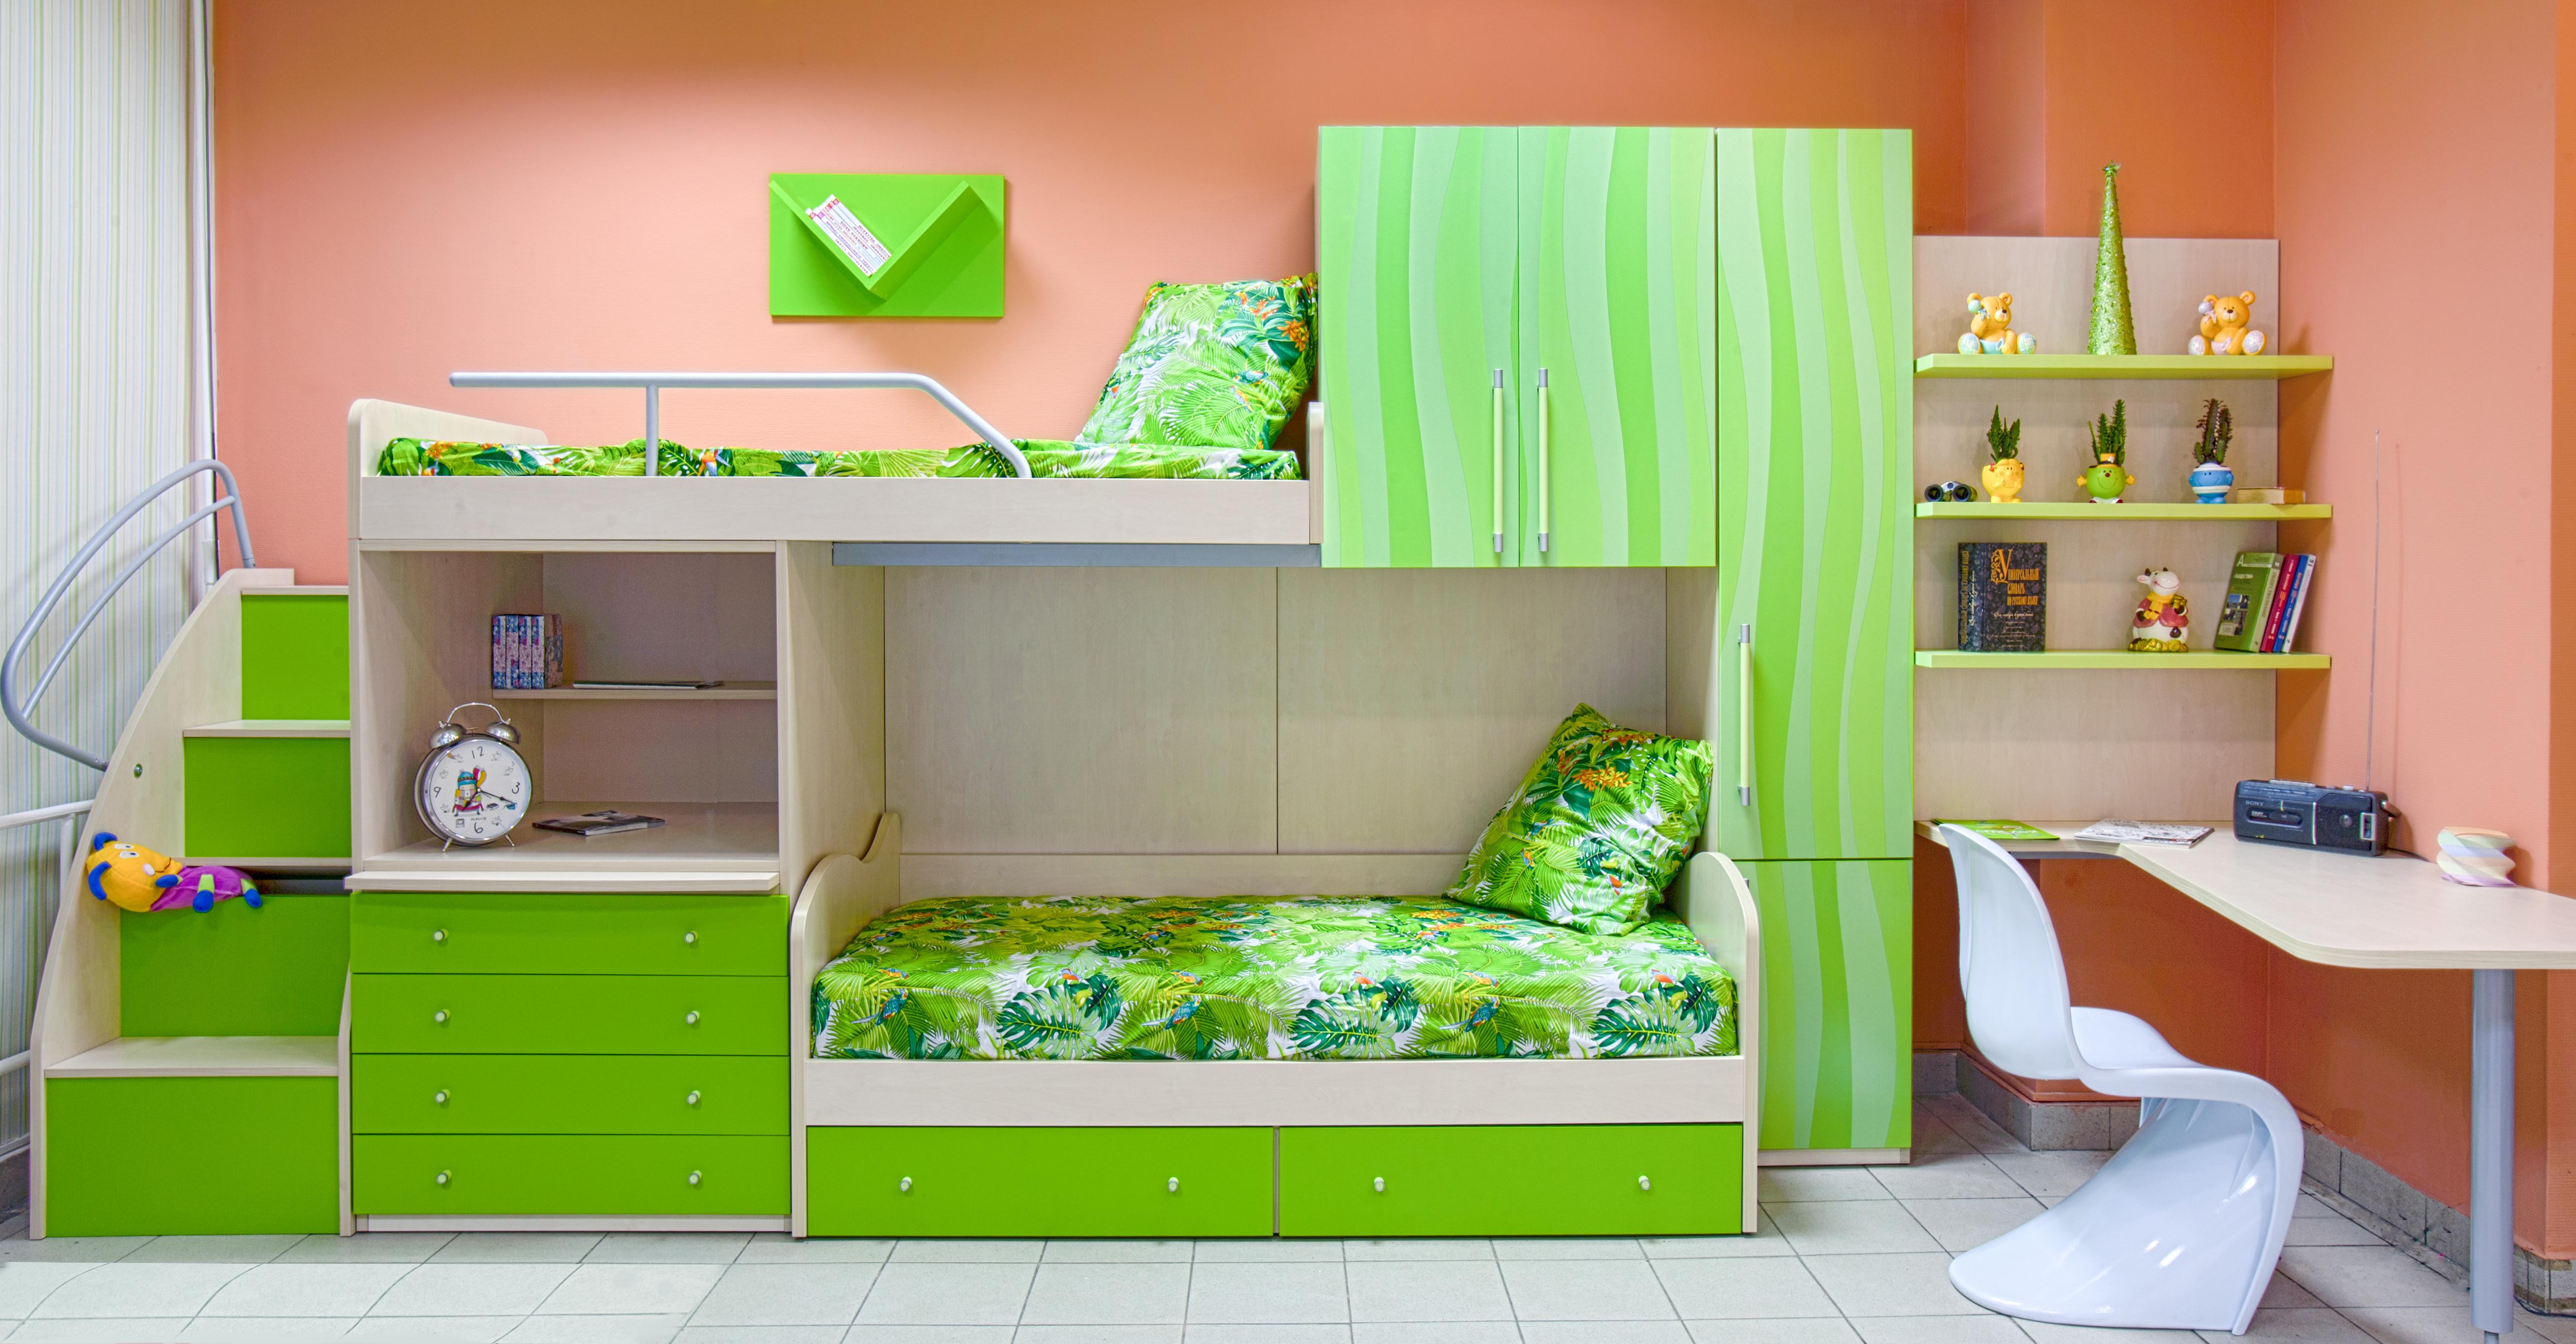 мебель для кухни и спальни